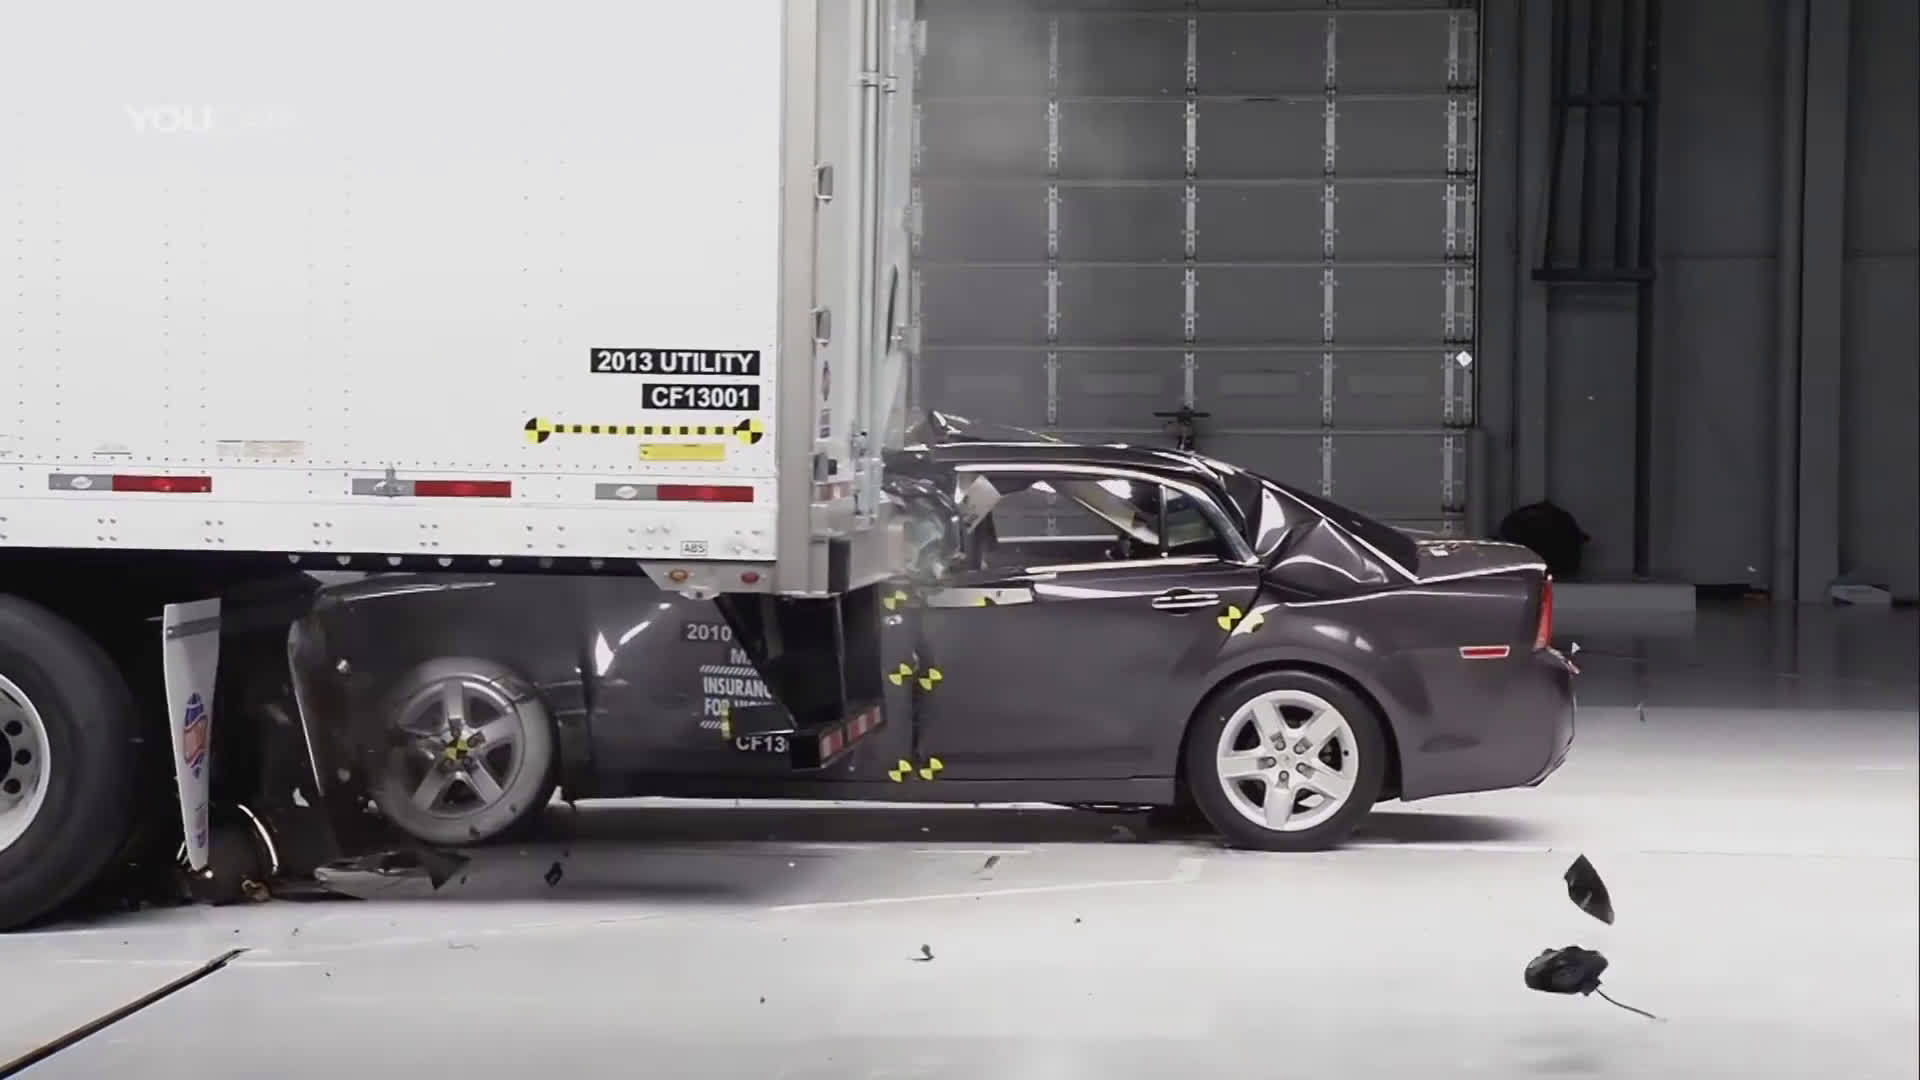 碰撞测试——Car vs Truck看完就知道为什么要远离大货车了